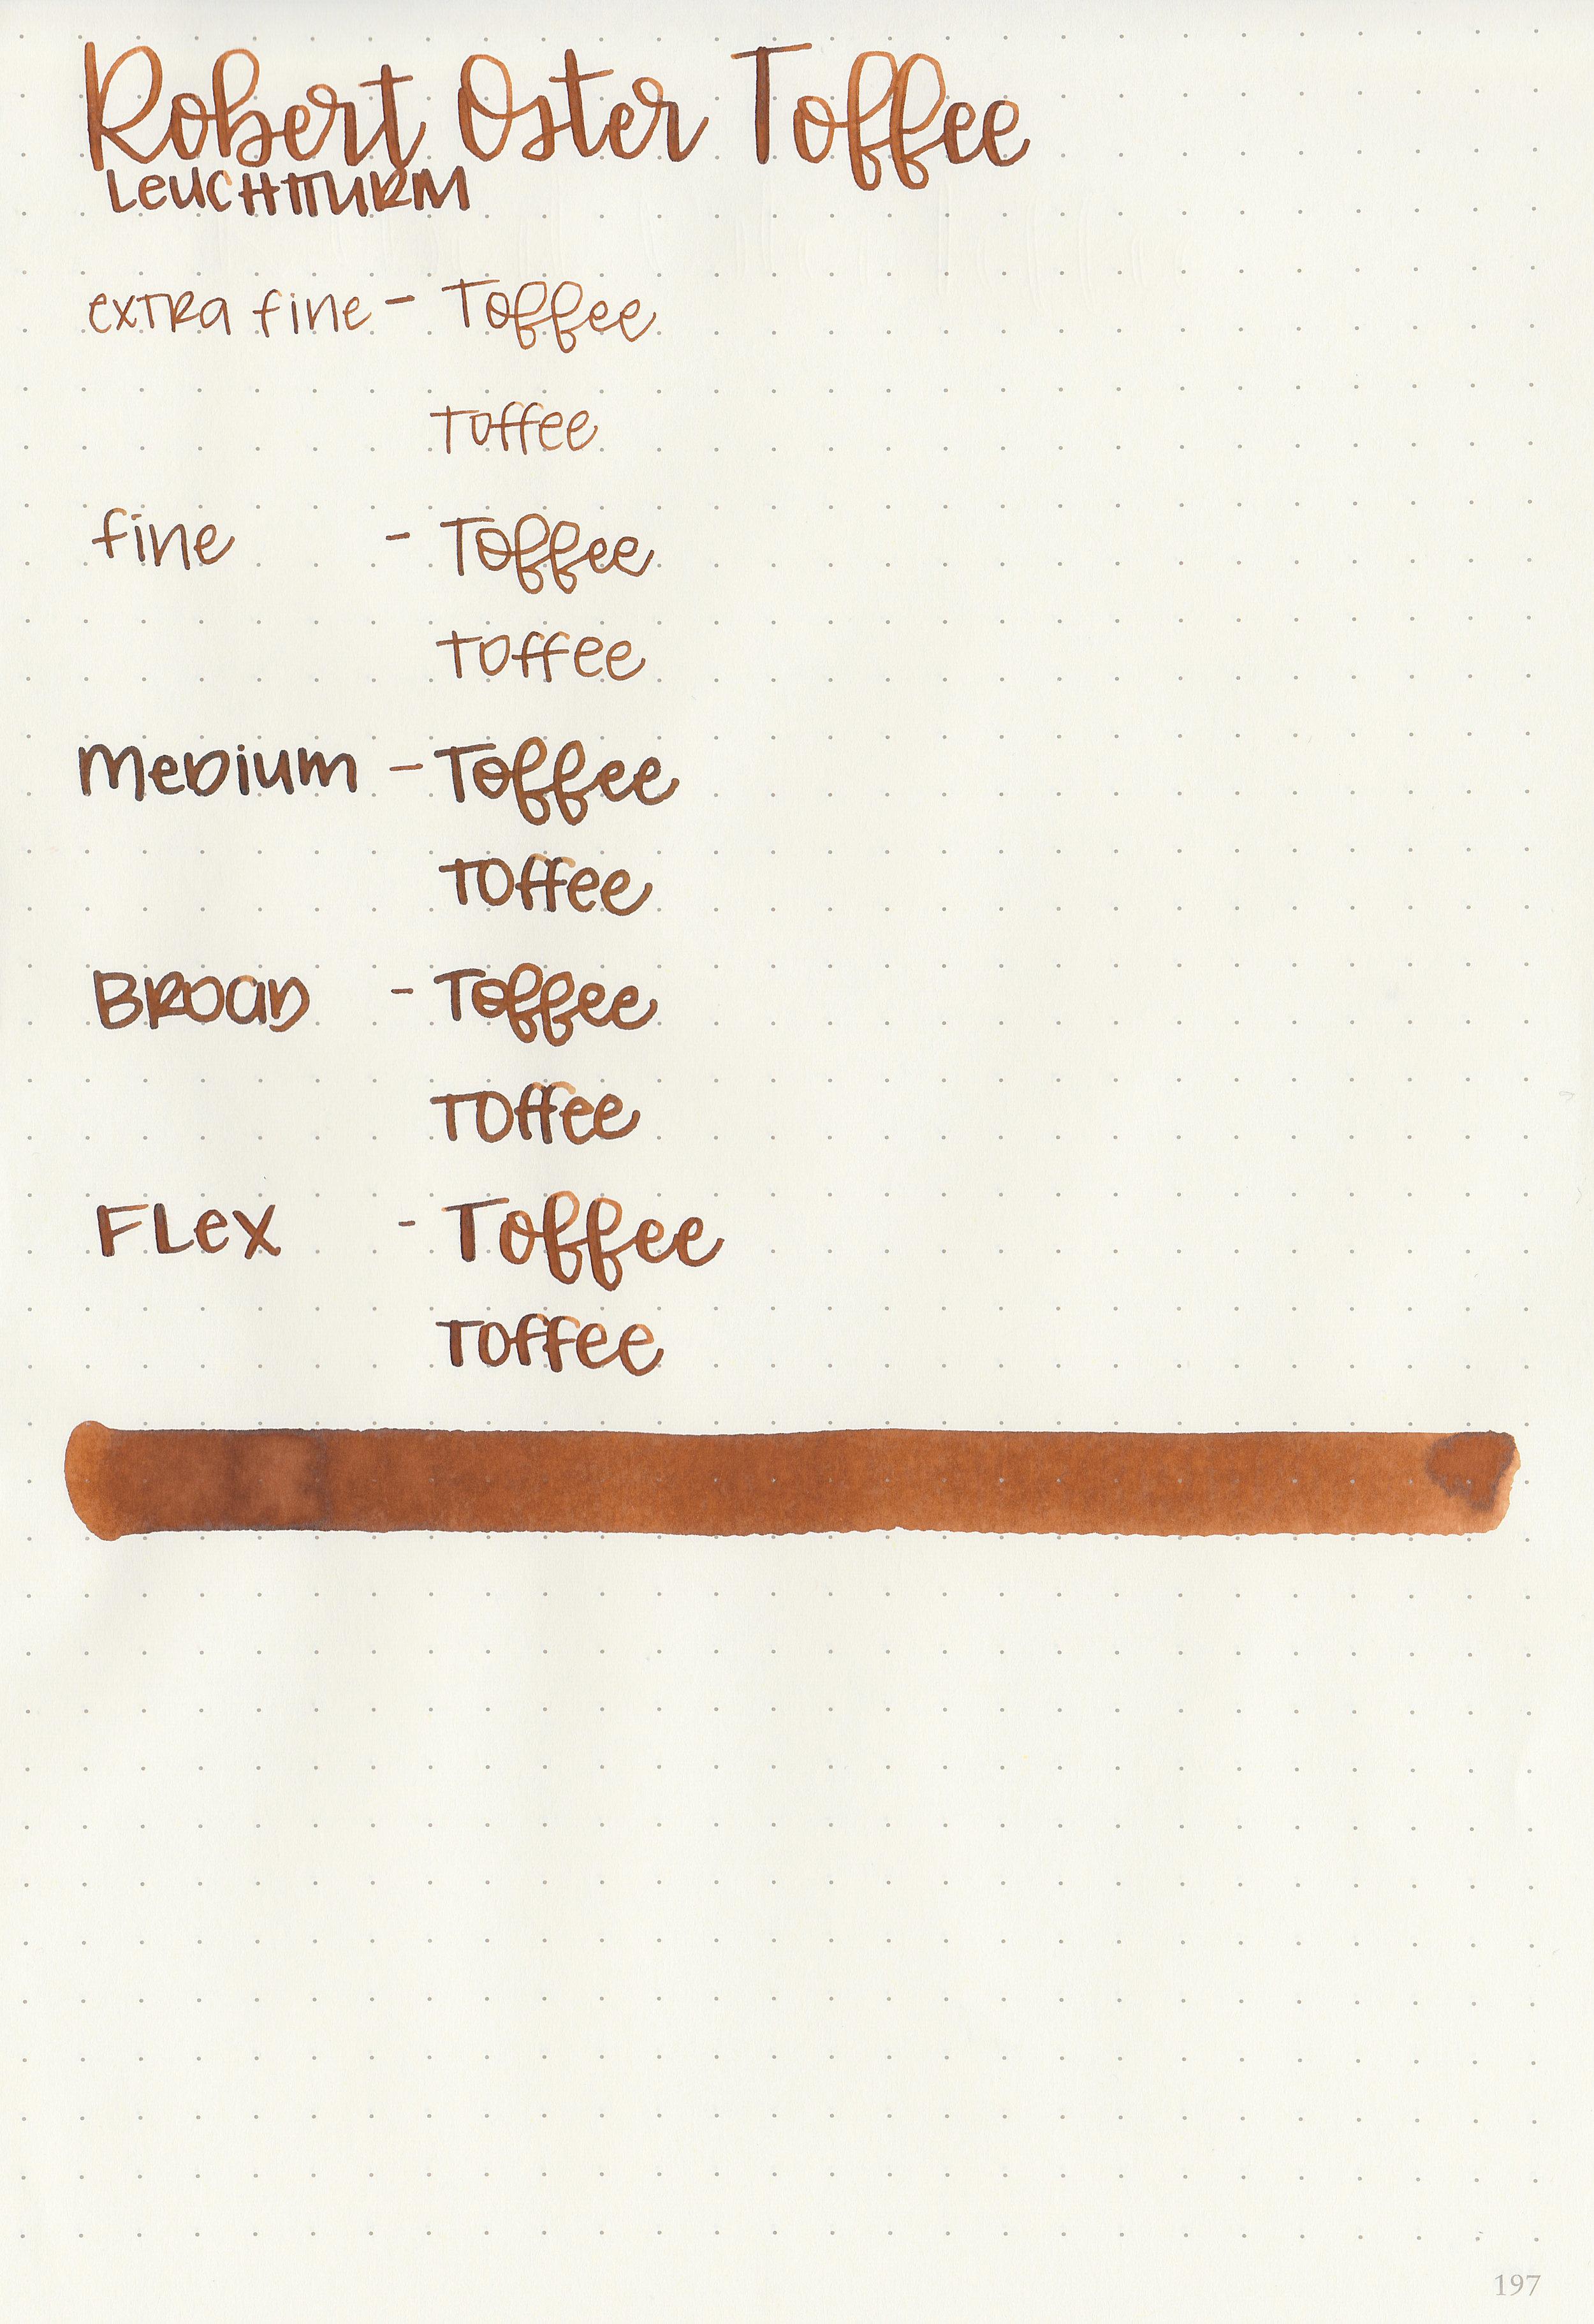 ro-toffee-9.jpg